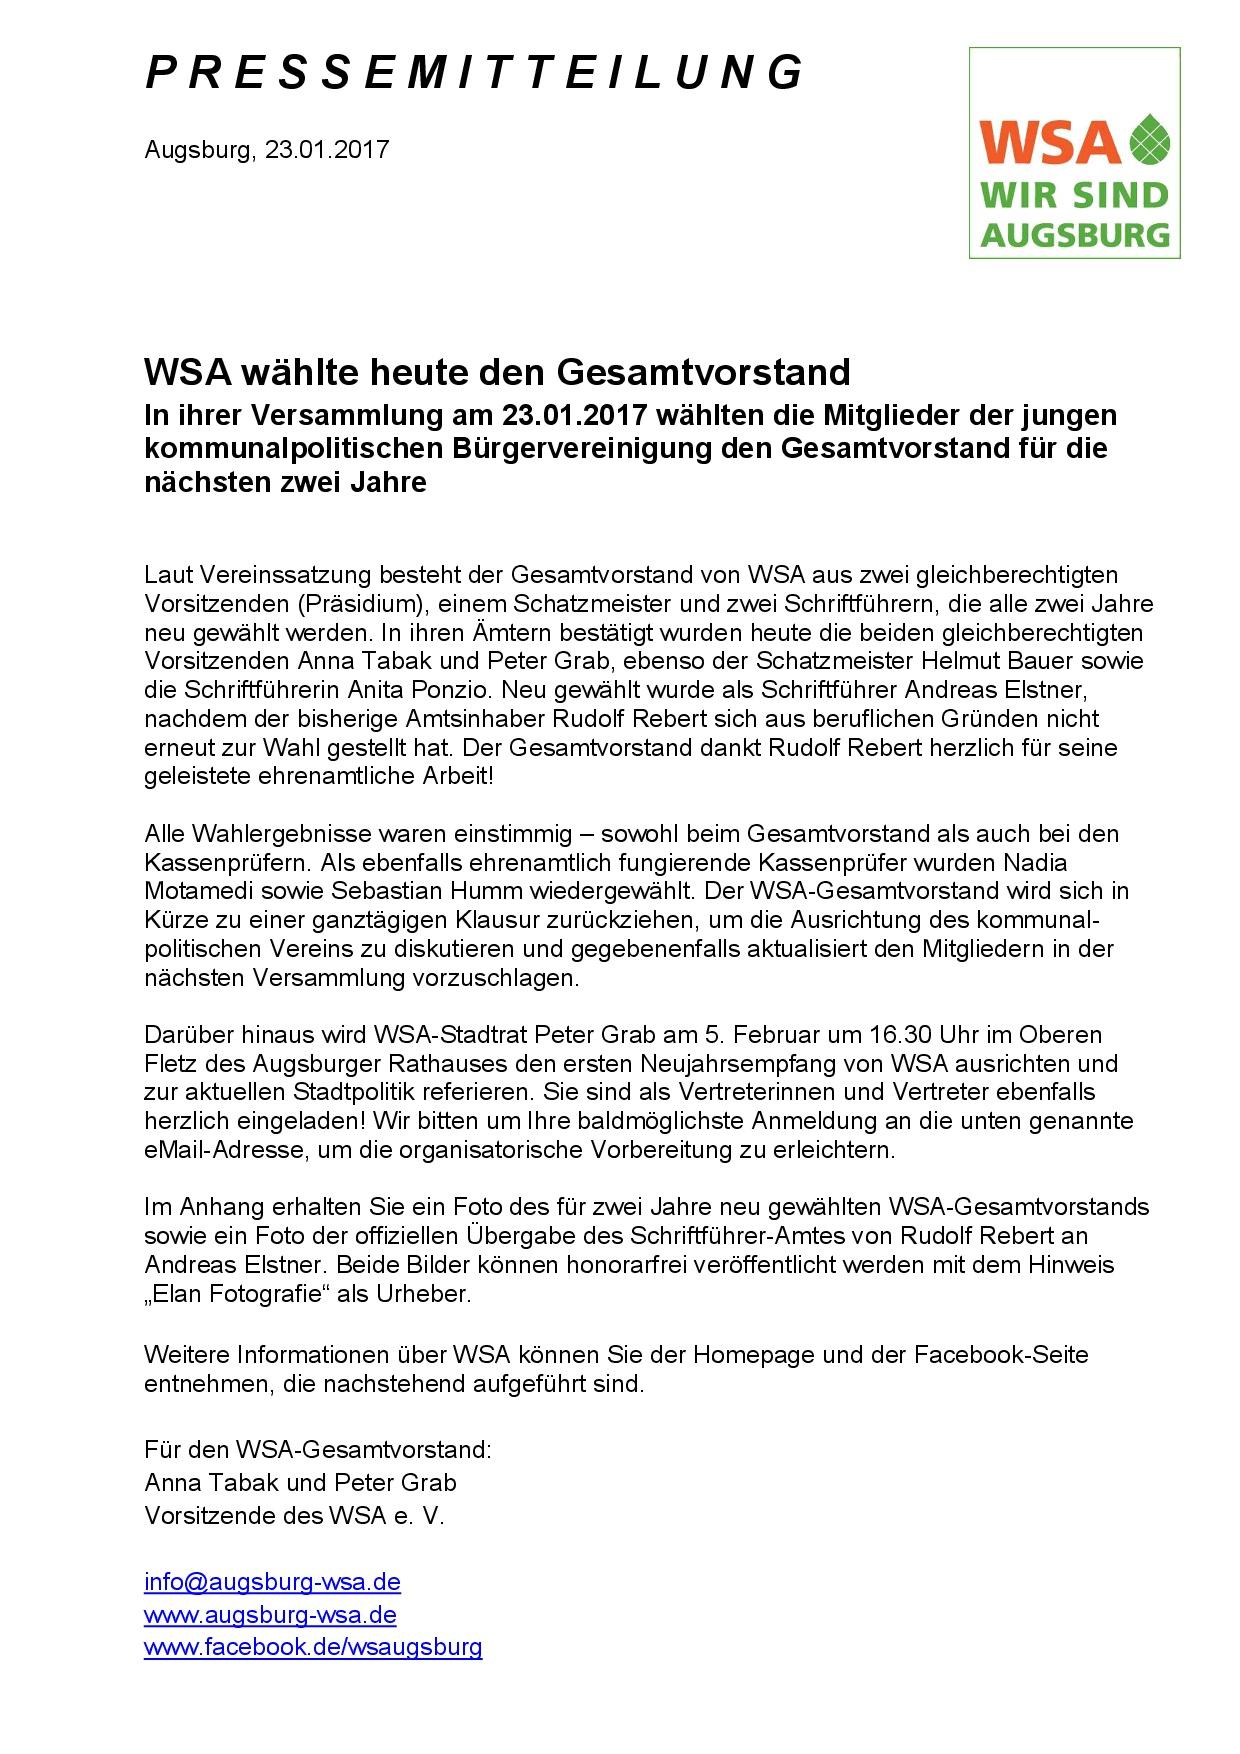 WSA-Pressemitteilung vom 23.01.2017 wegen Wahl des Gesamtvorstands